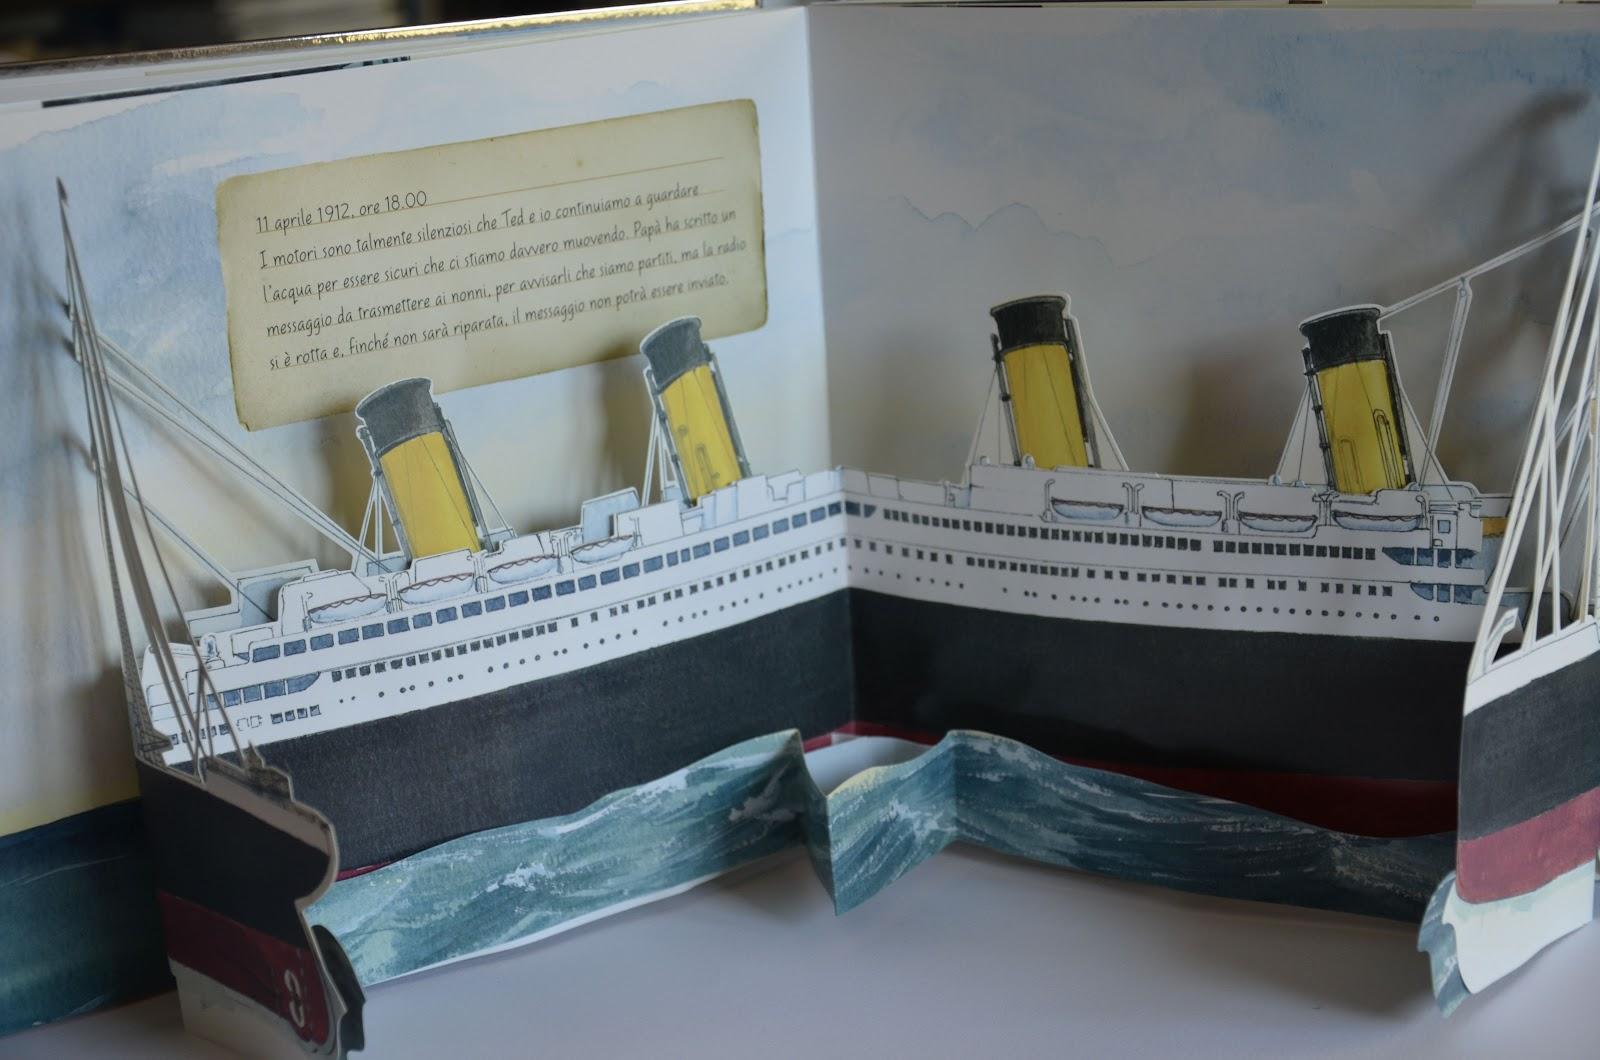 Libreria internazionale il mare un secolo di titanic - Eliminare finestre pop up ...